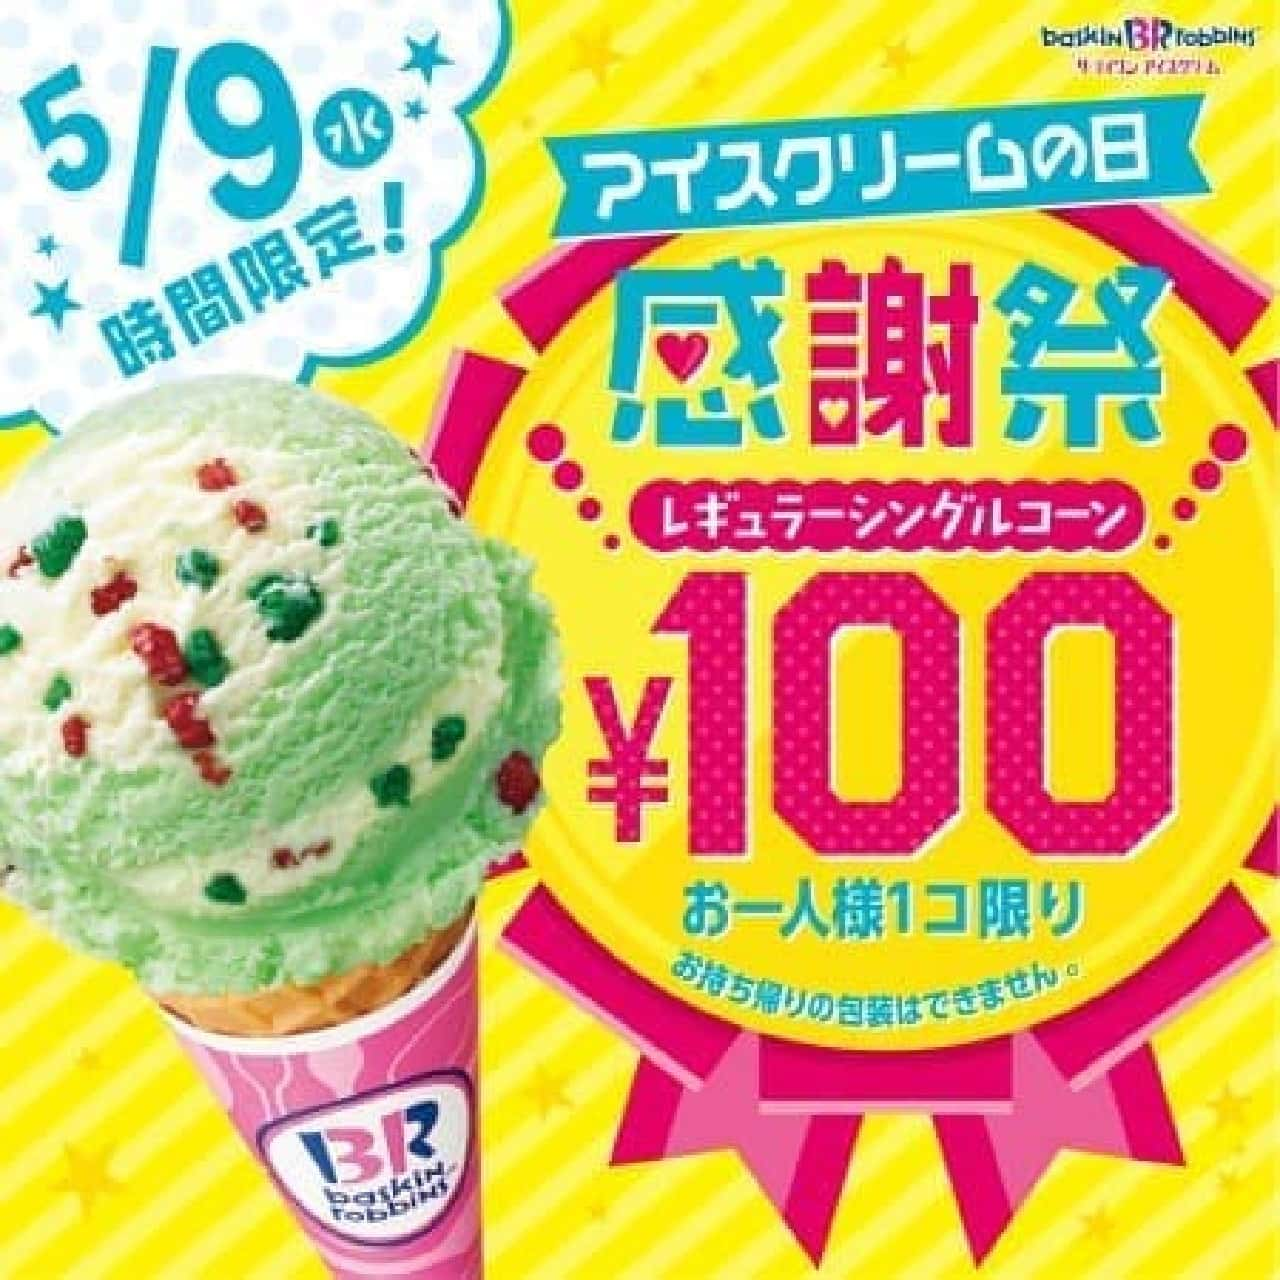 サーティワン アイスクリーム「アイスクリームの日 感謝祭」